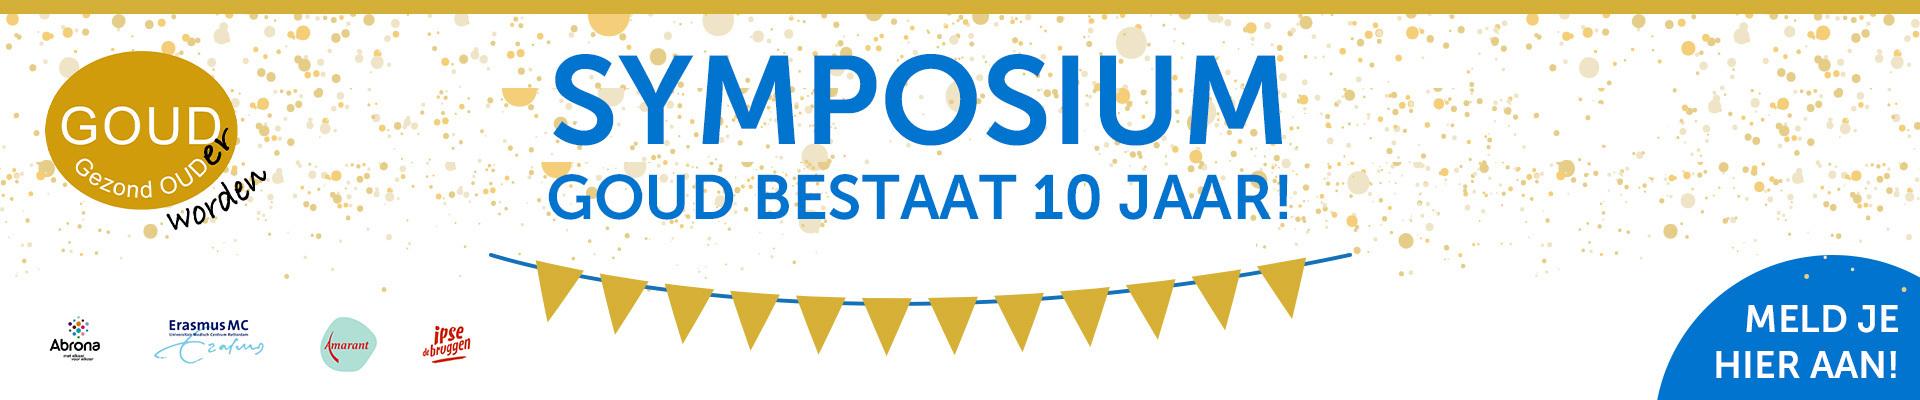 Symposium GOUD